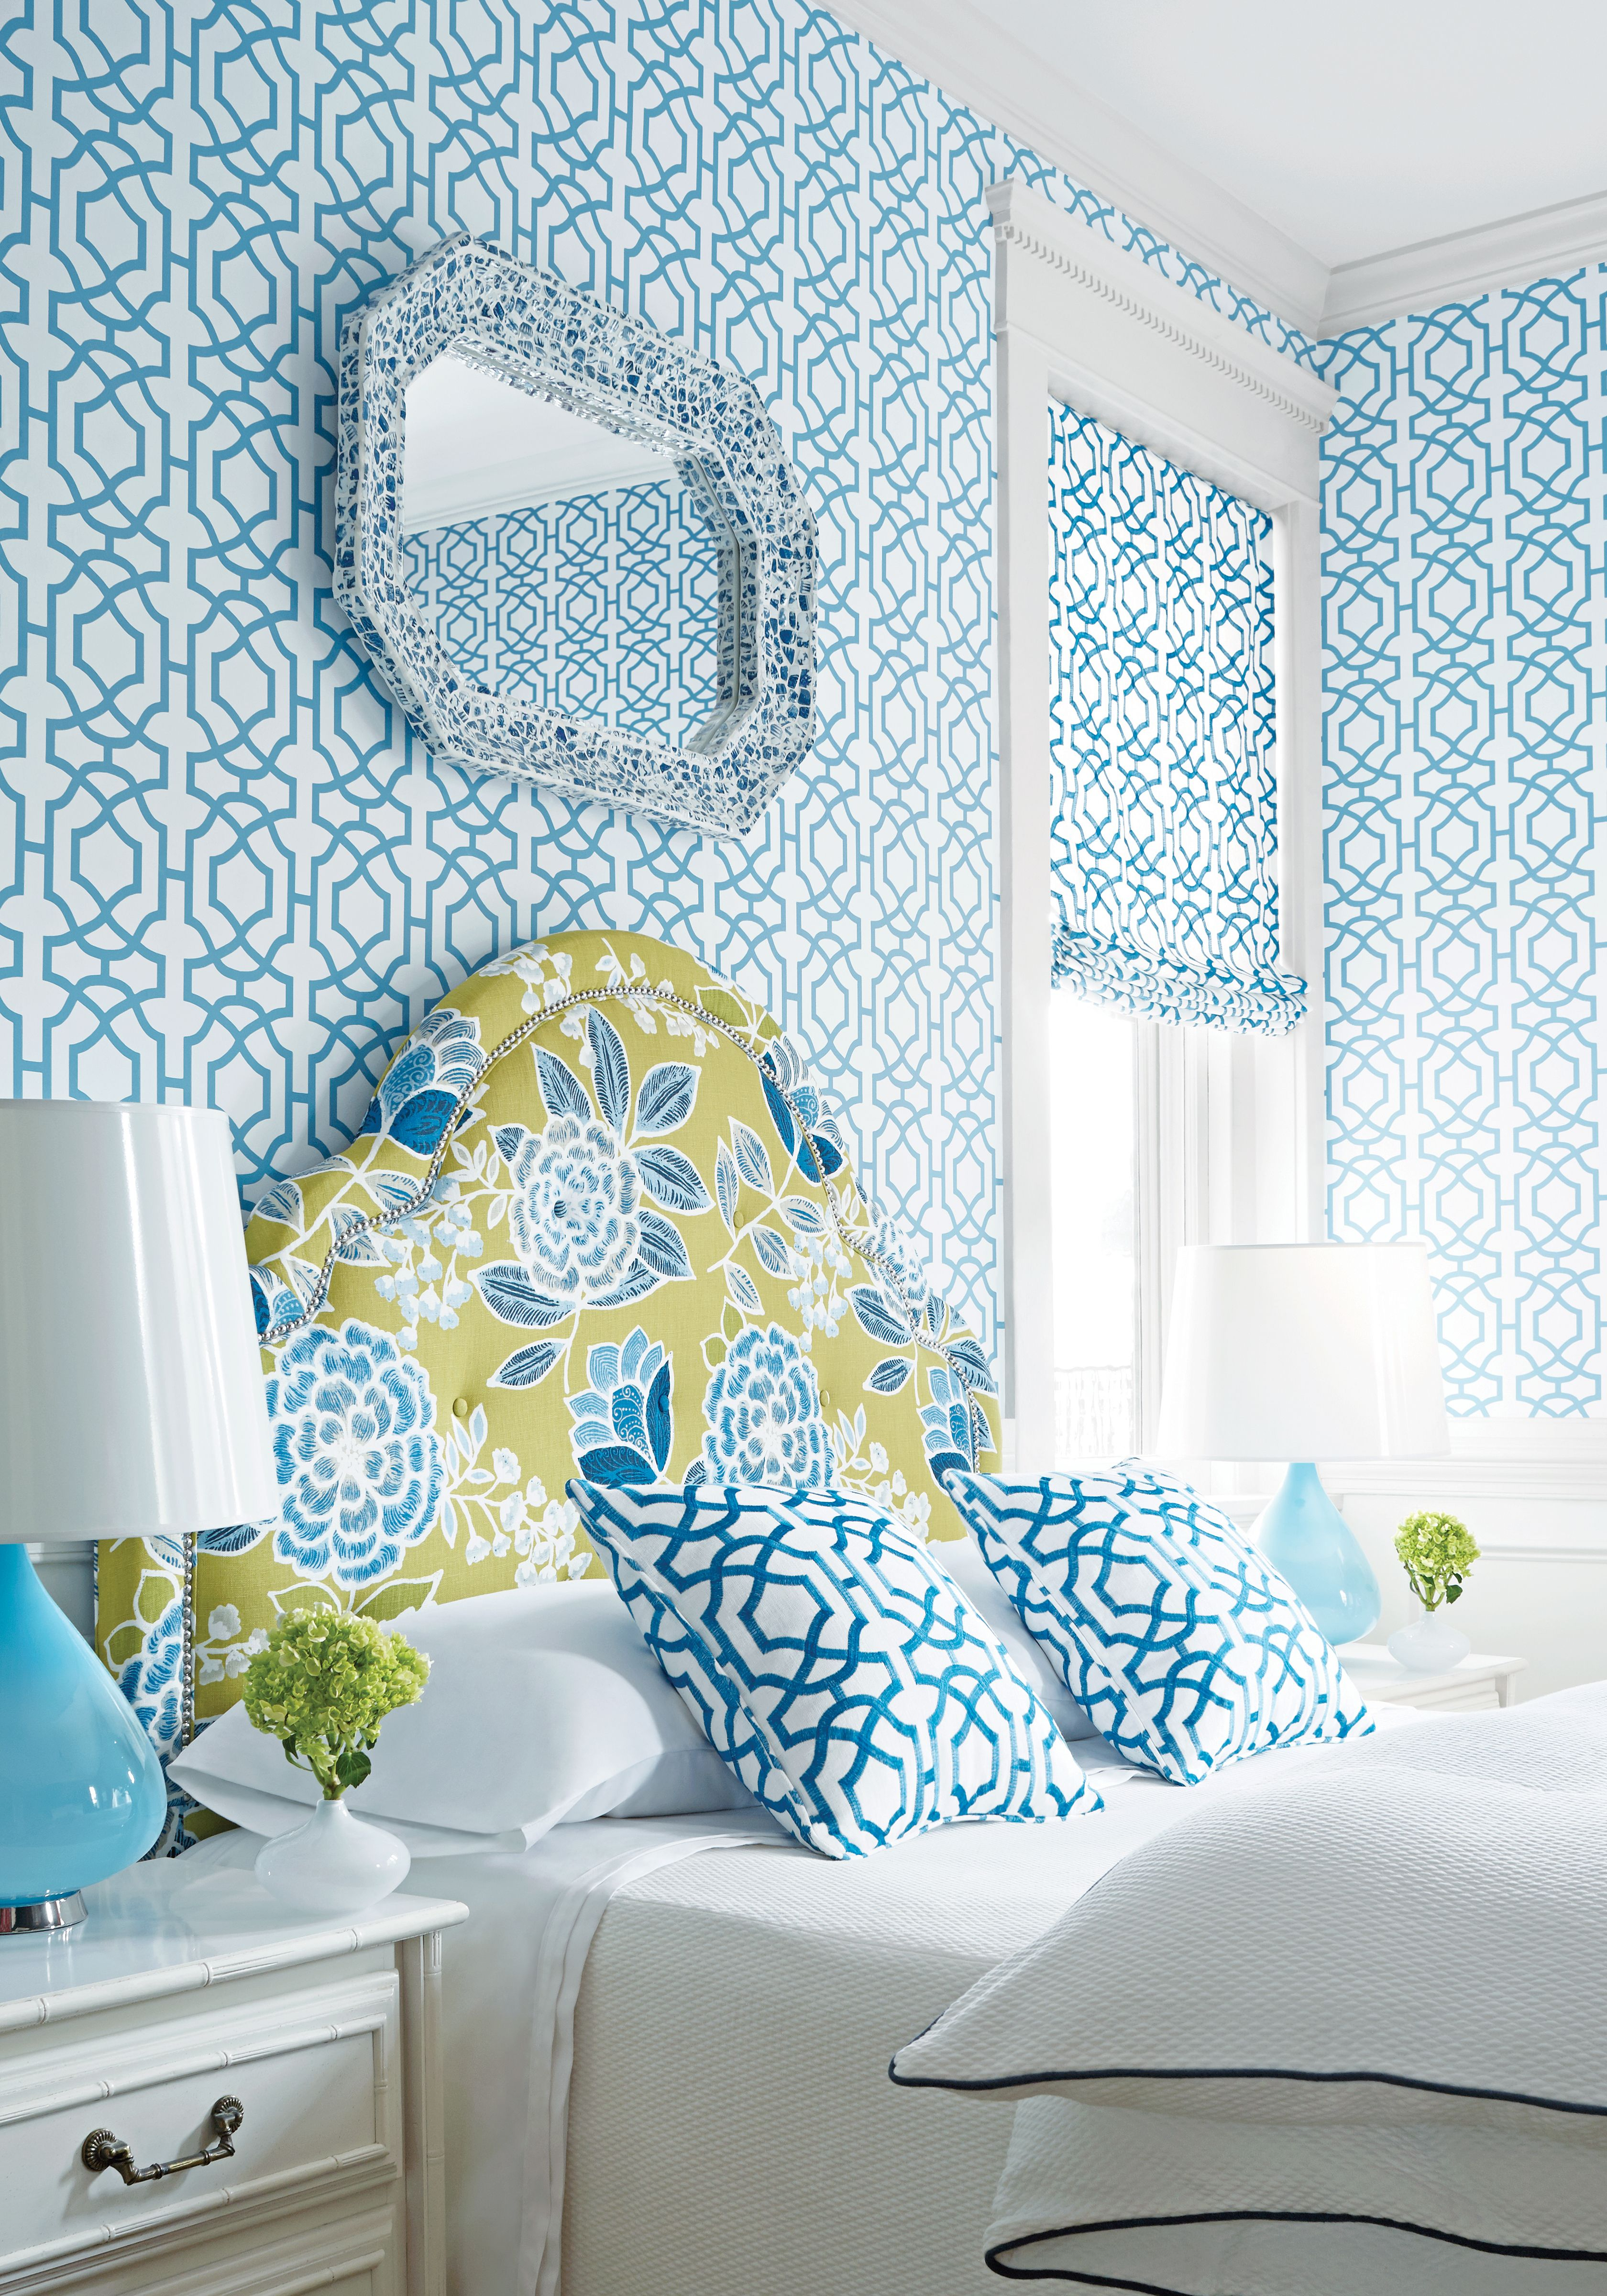 ブルーとホワイトでさわやかなお部屋! | 洋室 | 寝室 壁紙 ...